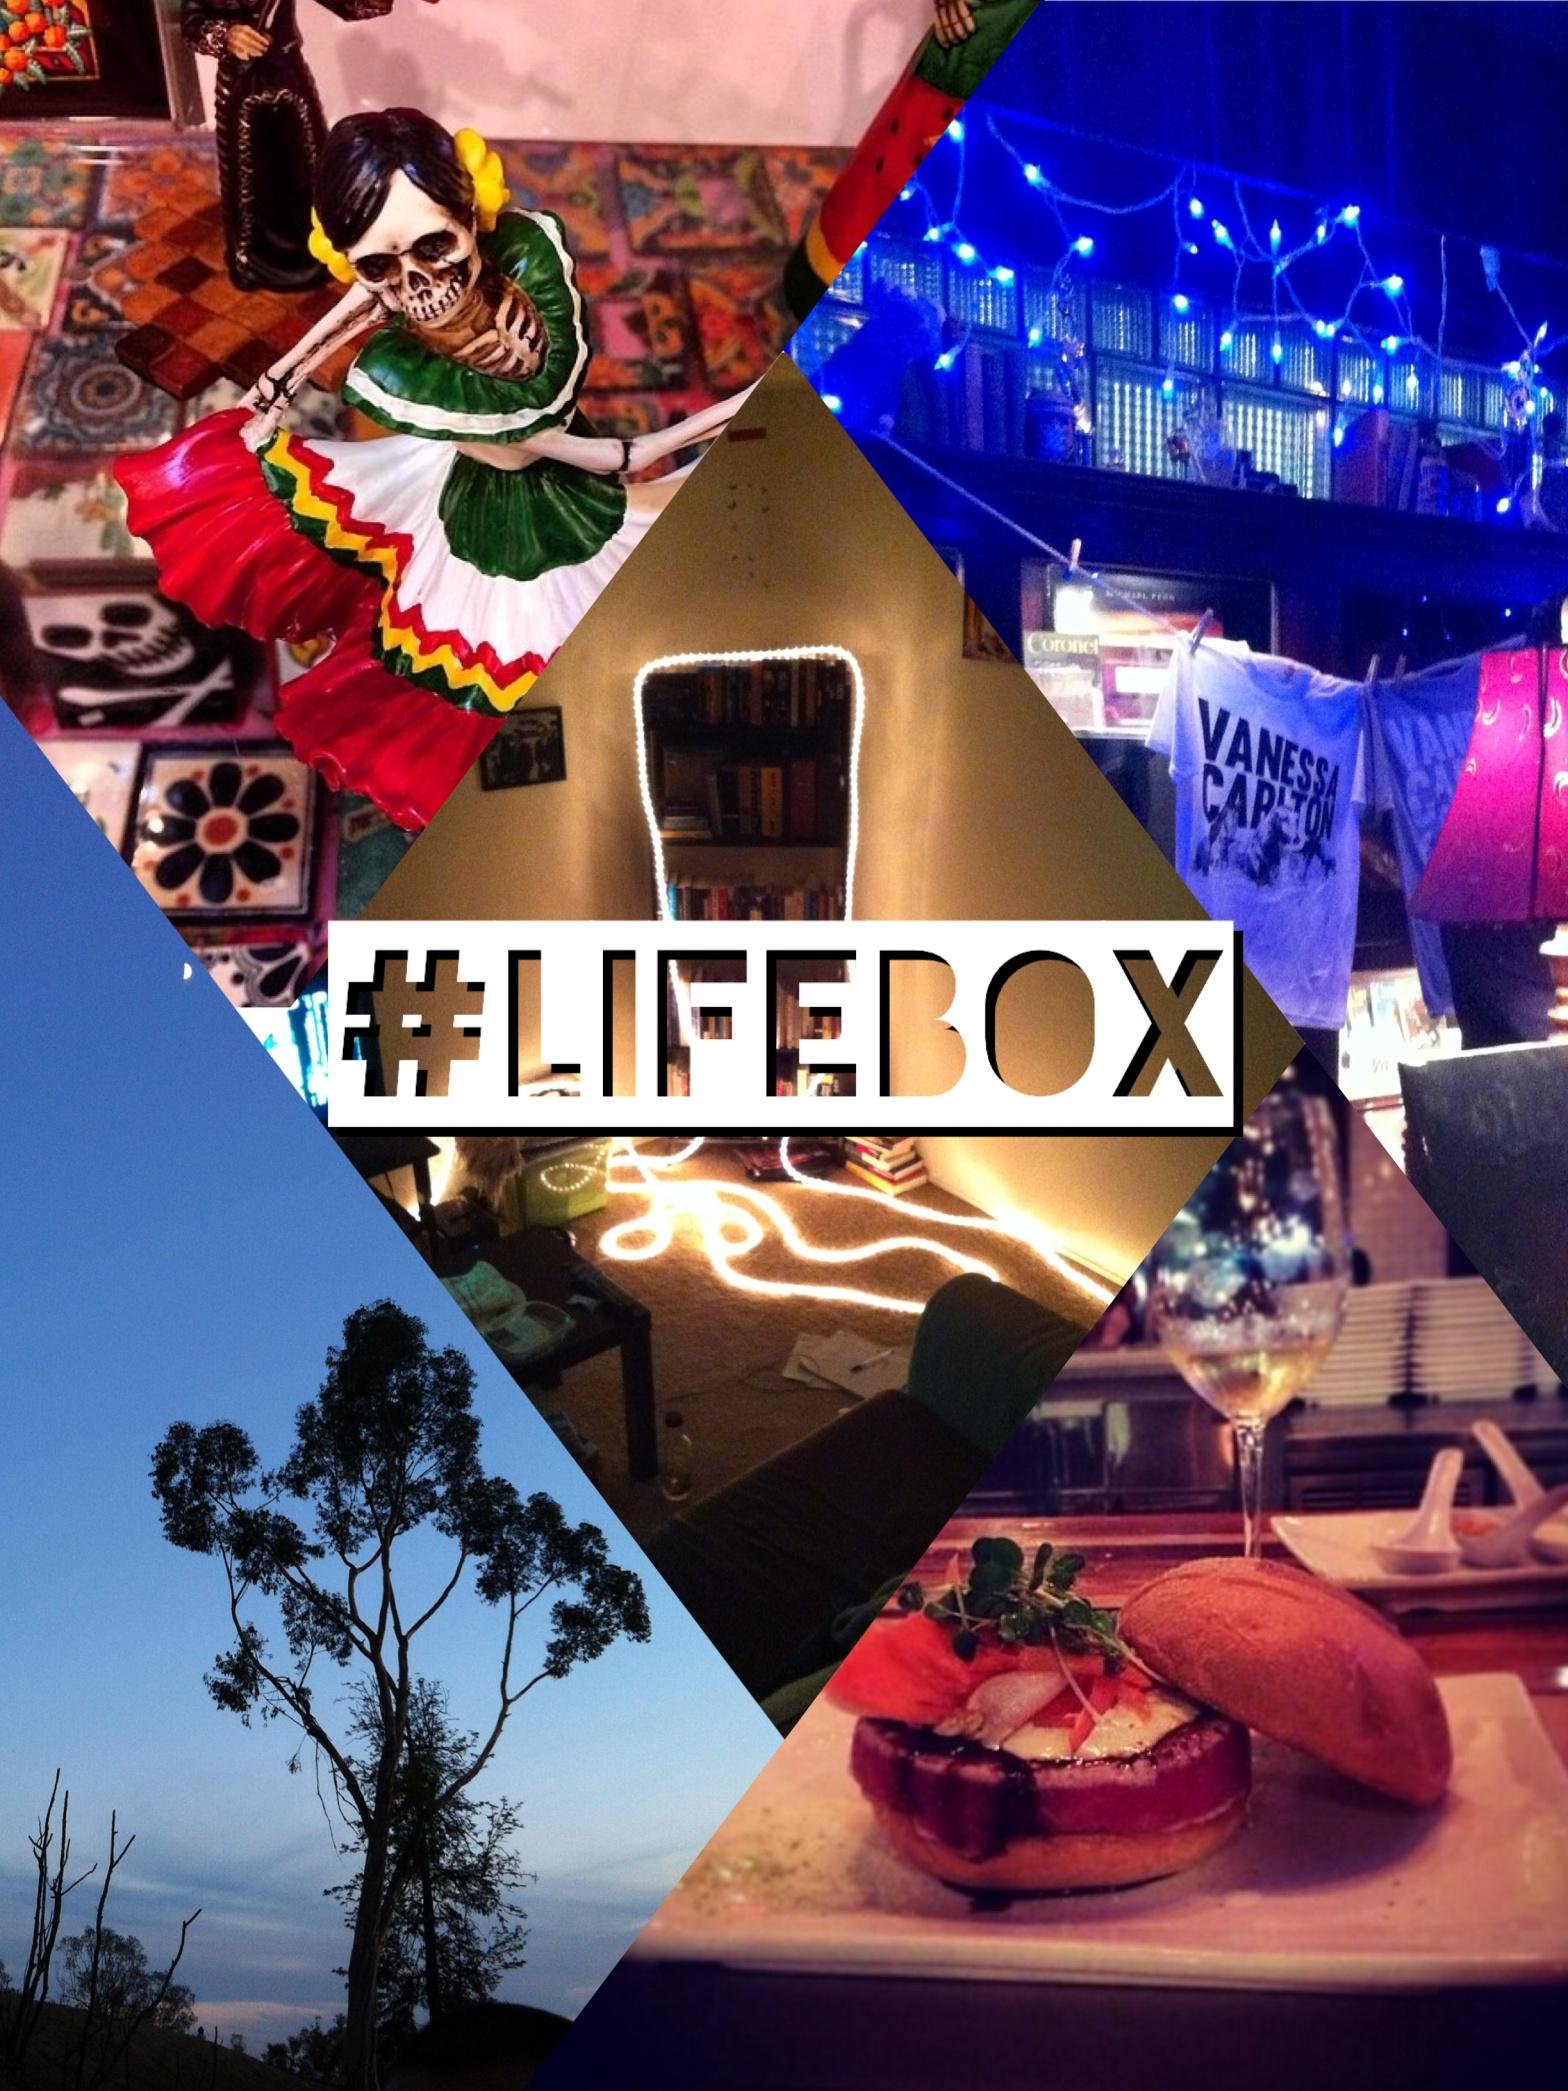 #Lifebox - Share Good Vibes